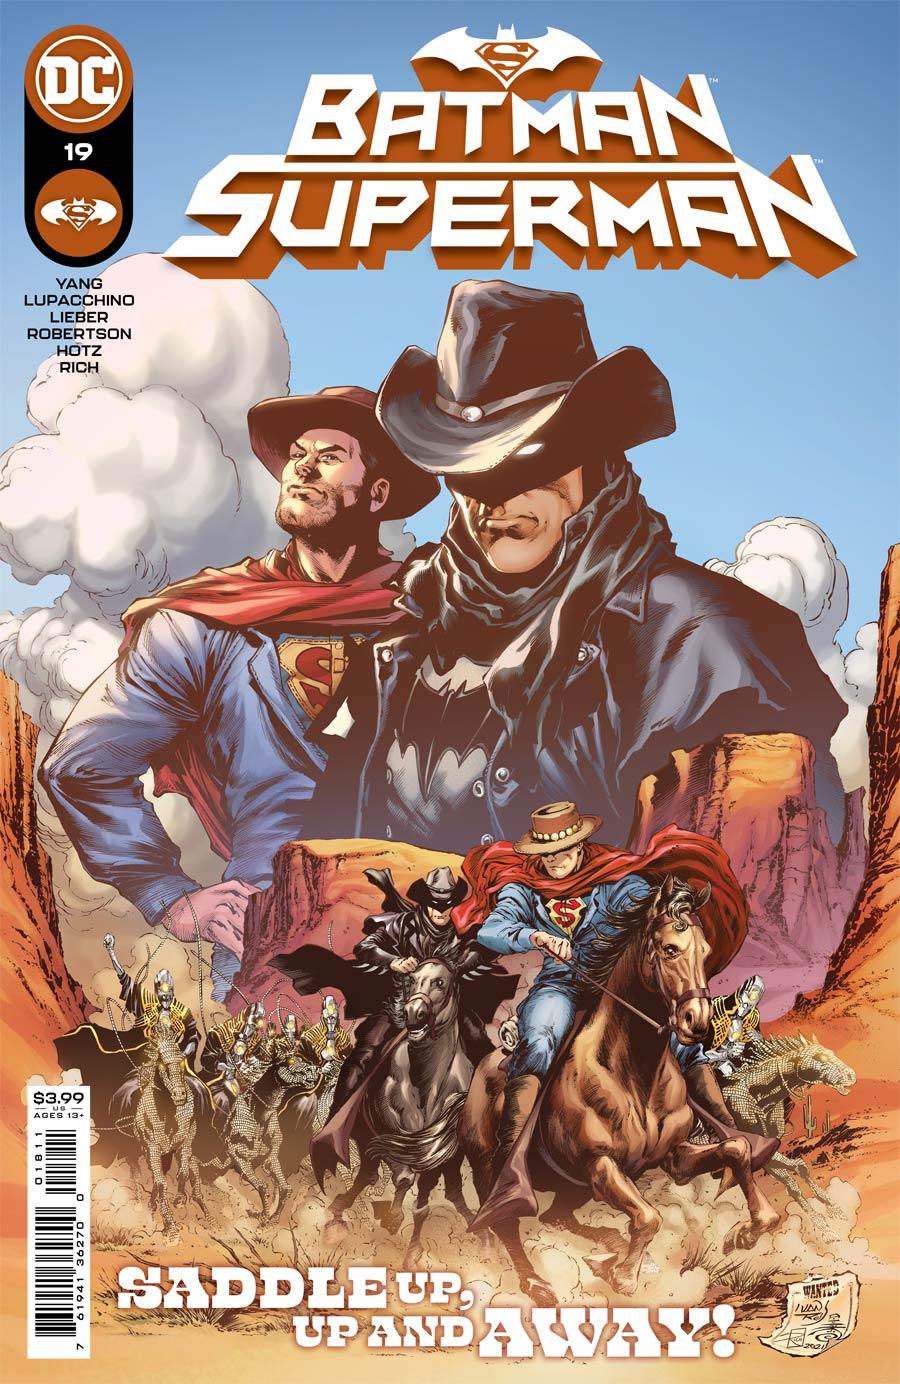 Batman Superman Vol 2 #19 Cover A Regular Ivan Reis Cover